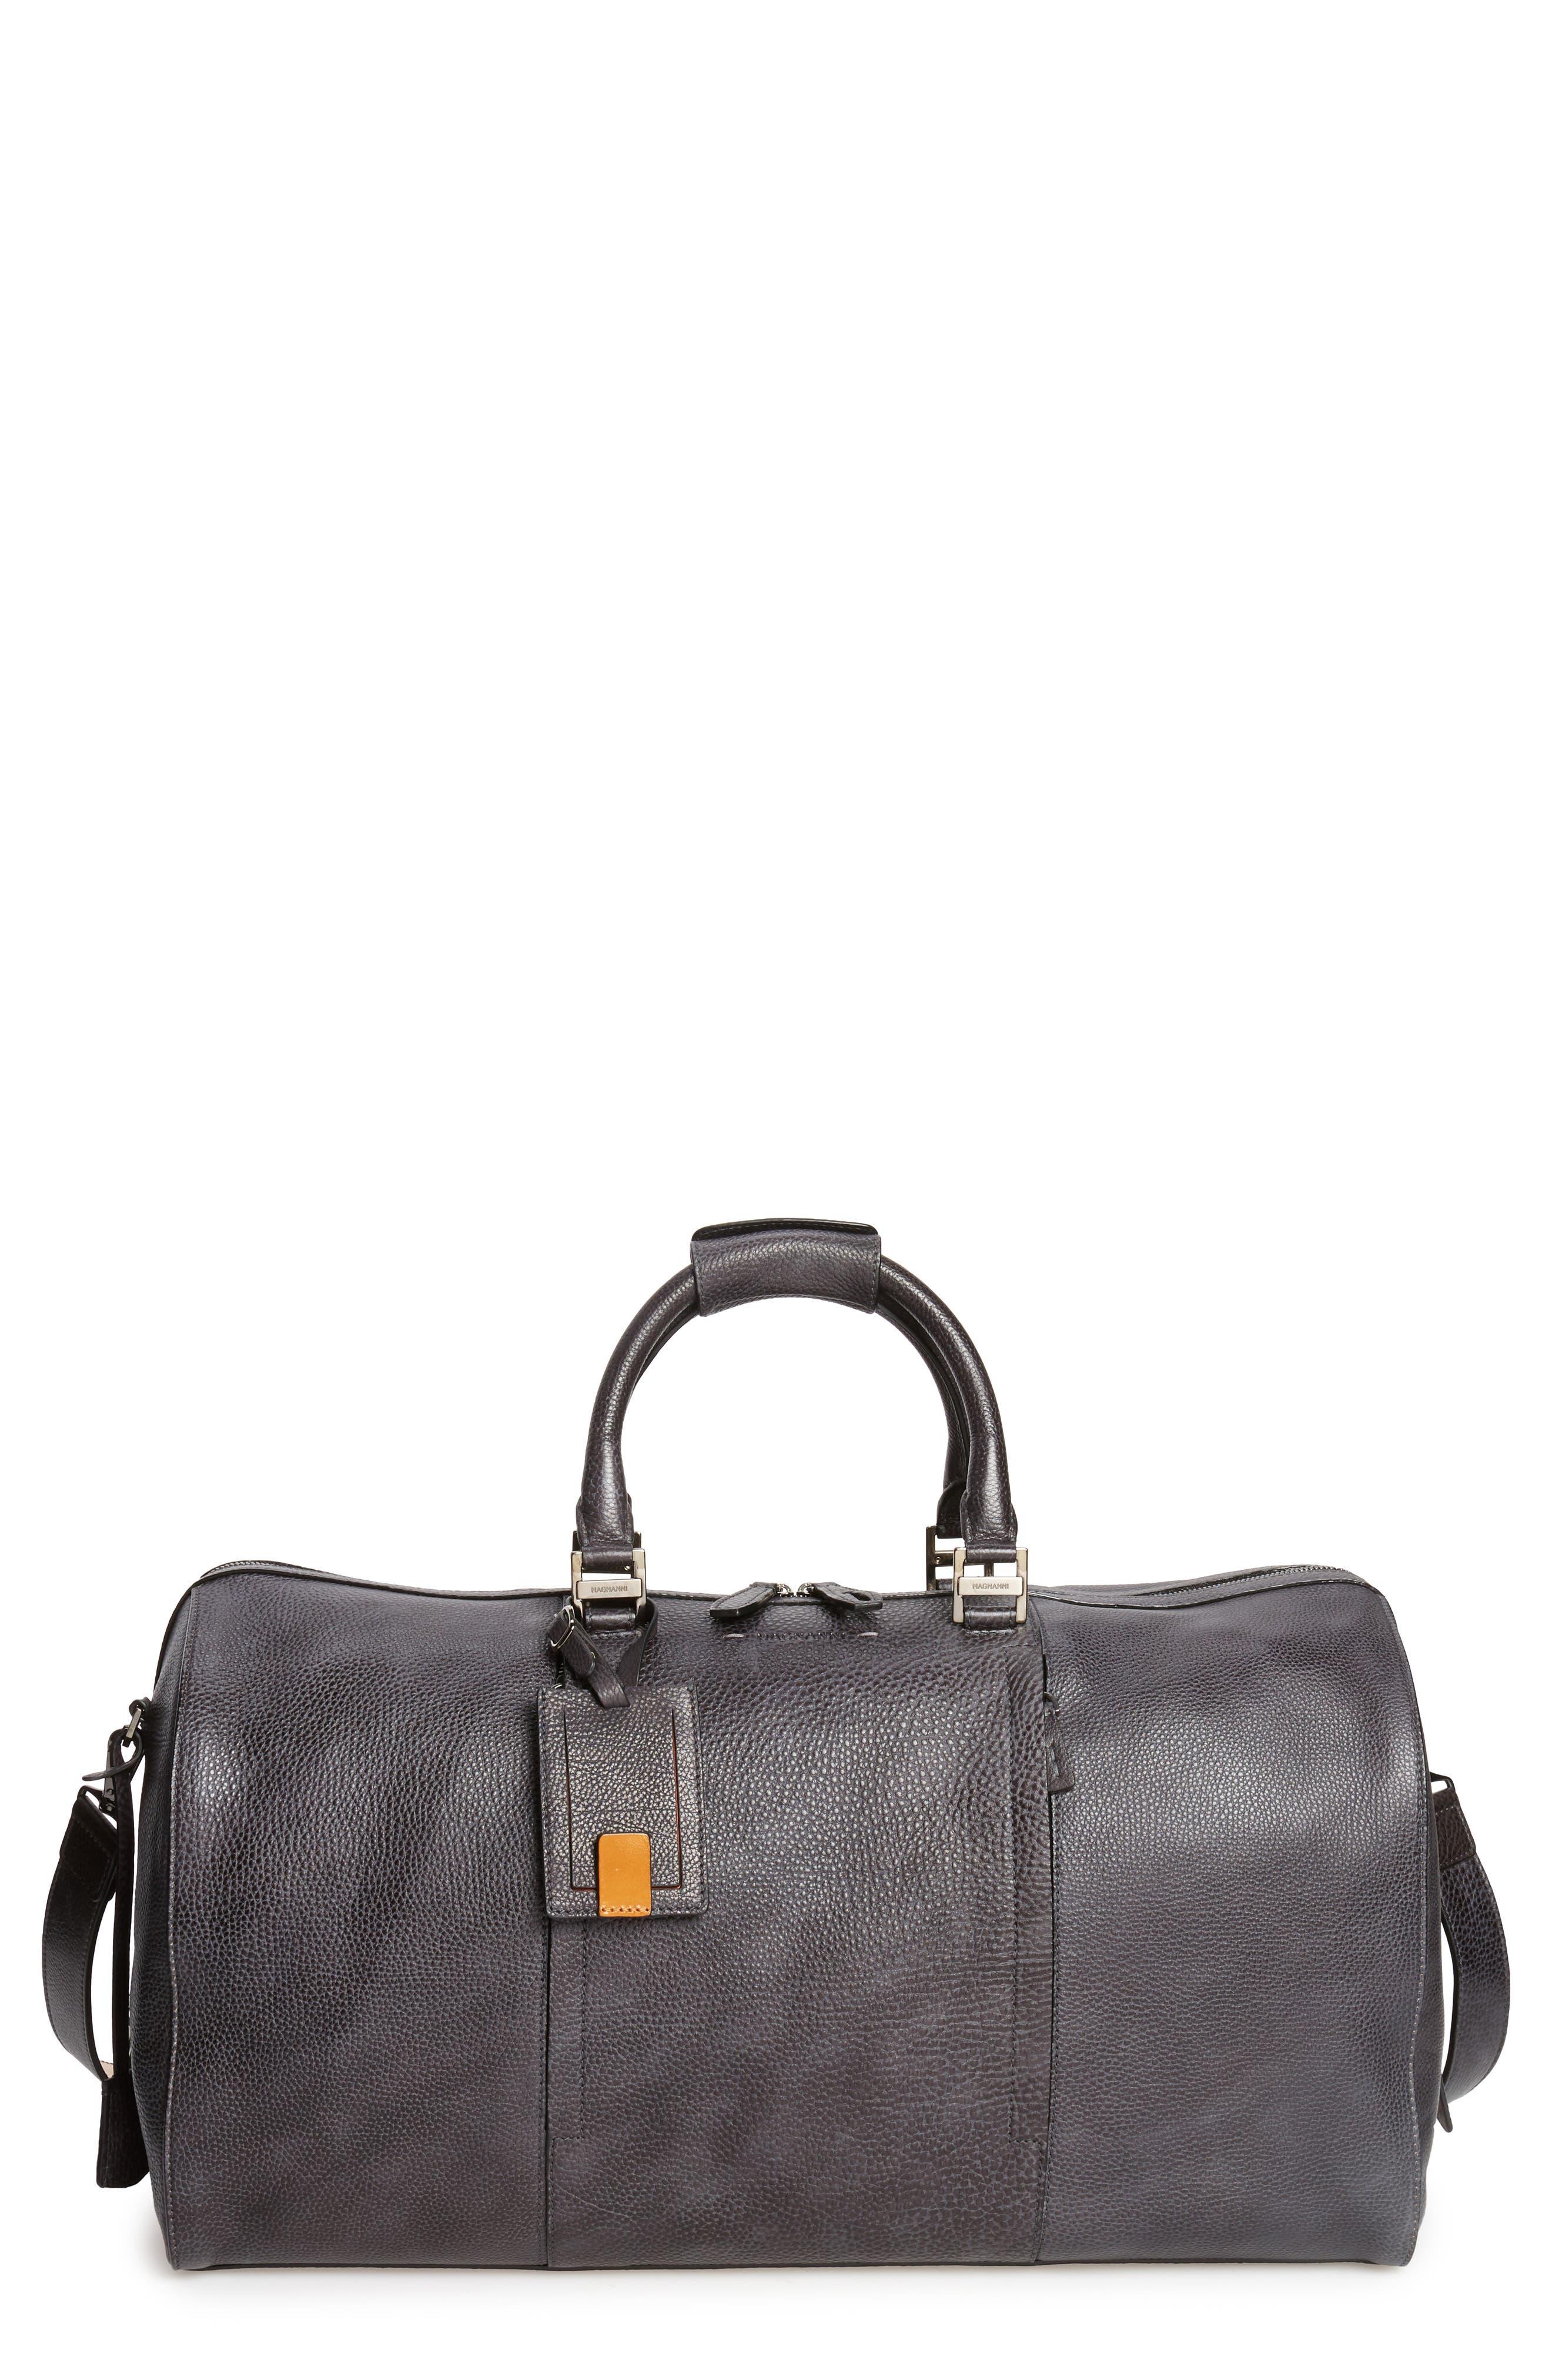 Traveler Leather Duffel Bag,                         Main,                         color, 020